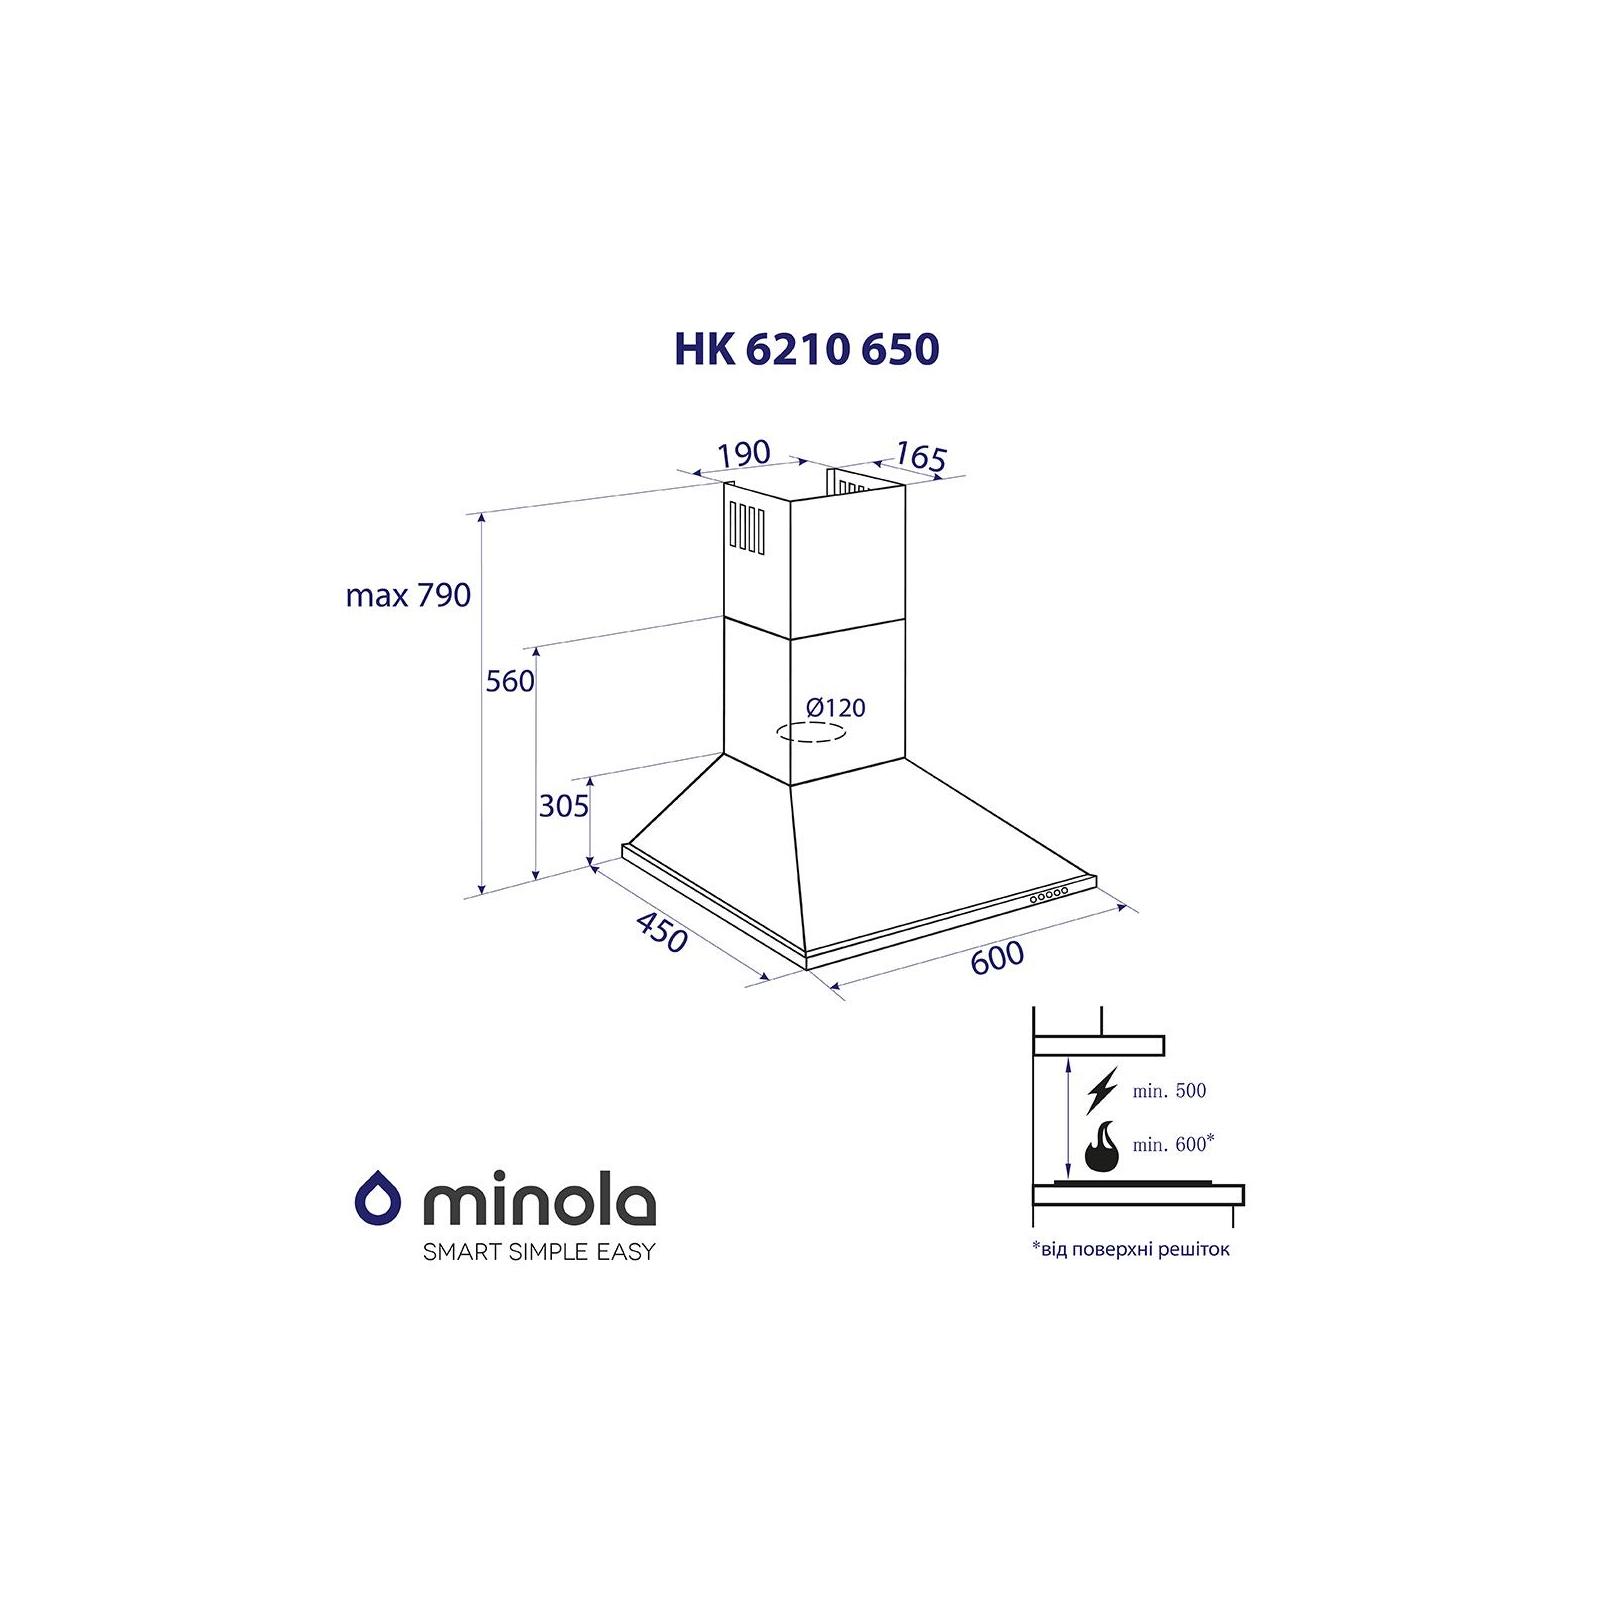 Вытяжка кухонная MINOLA HK 6210 BL 650 изображение 7